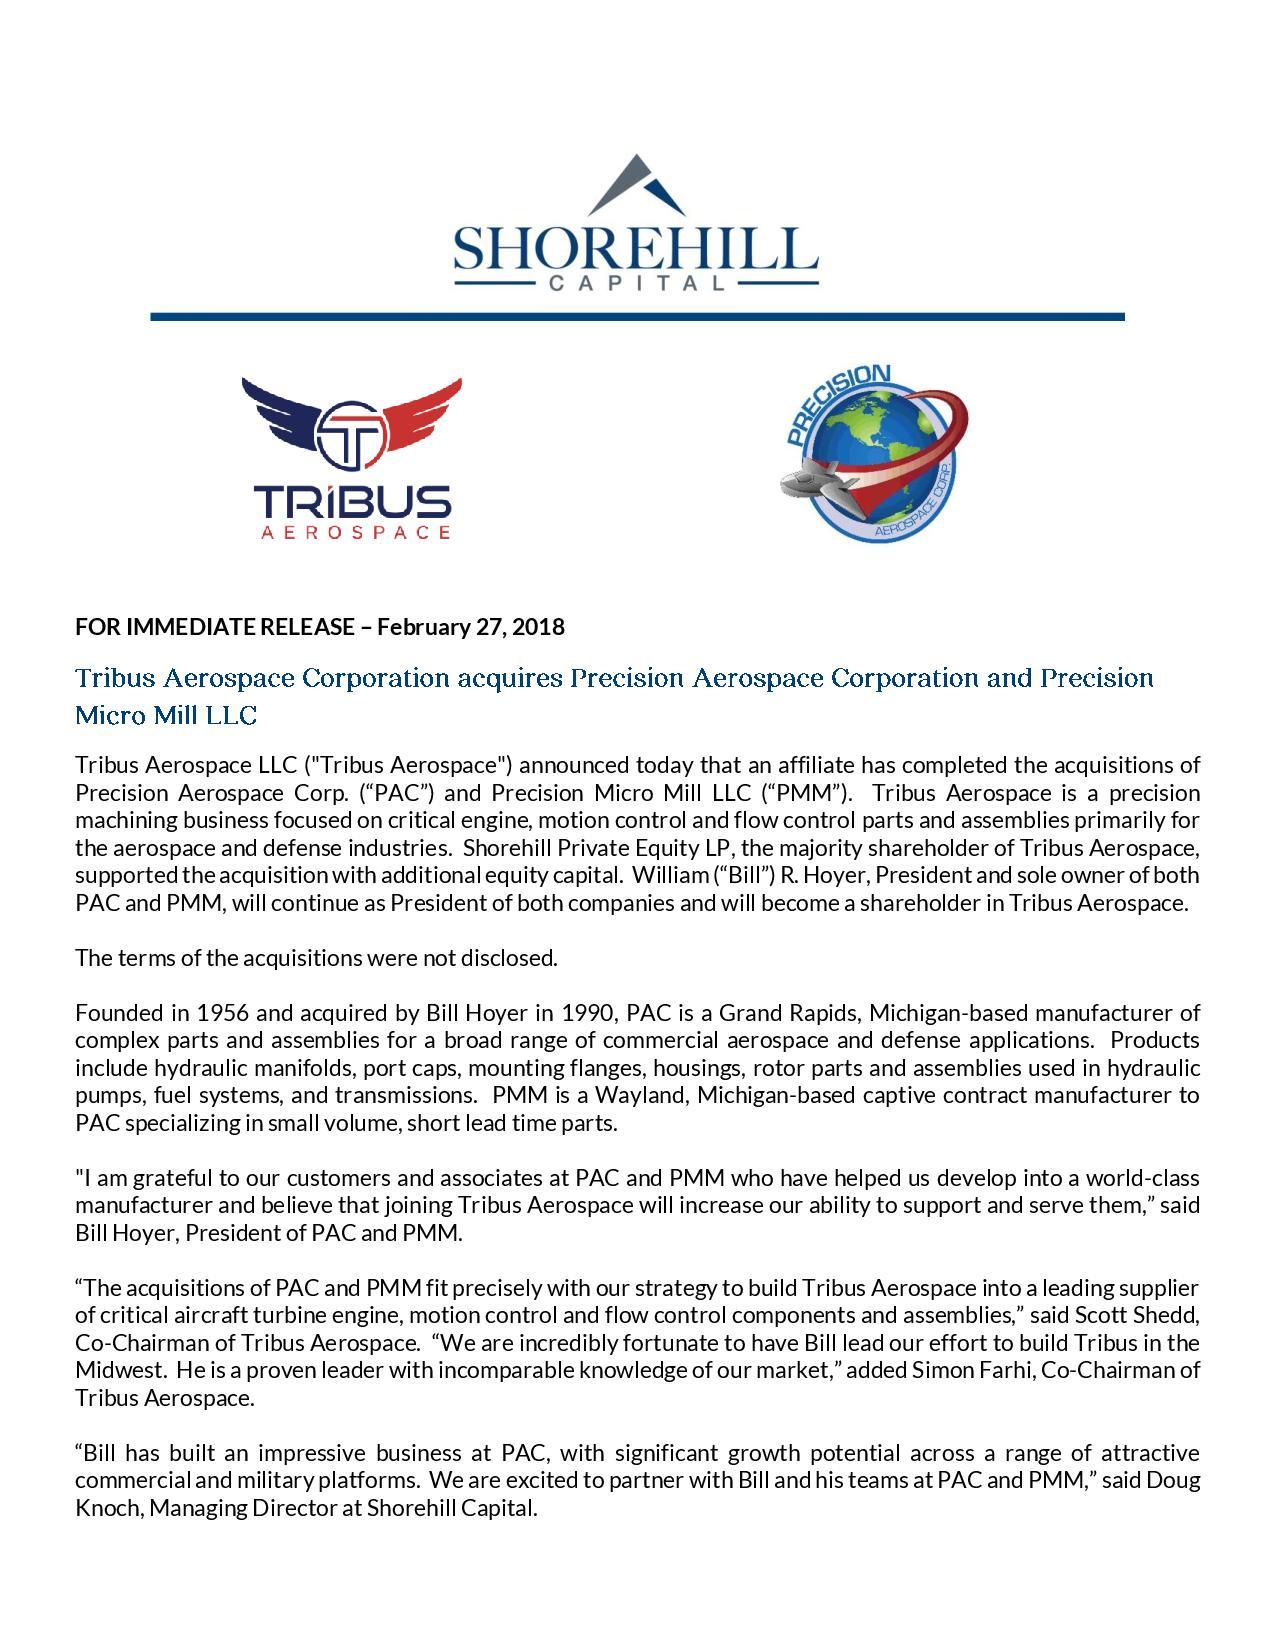 Press Release - Tribus Aerospace Acquires Precision Aerospace Corporation and Precision Micro Mill - vFINAL-page-001.jpg